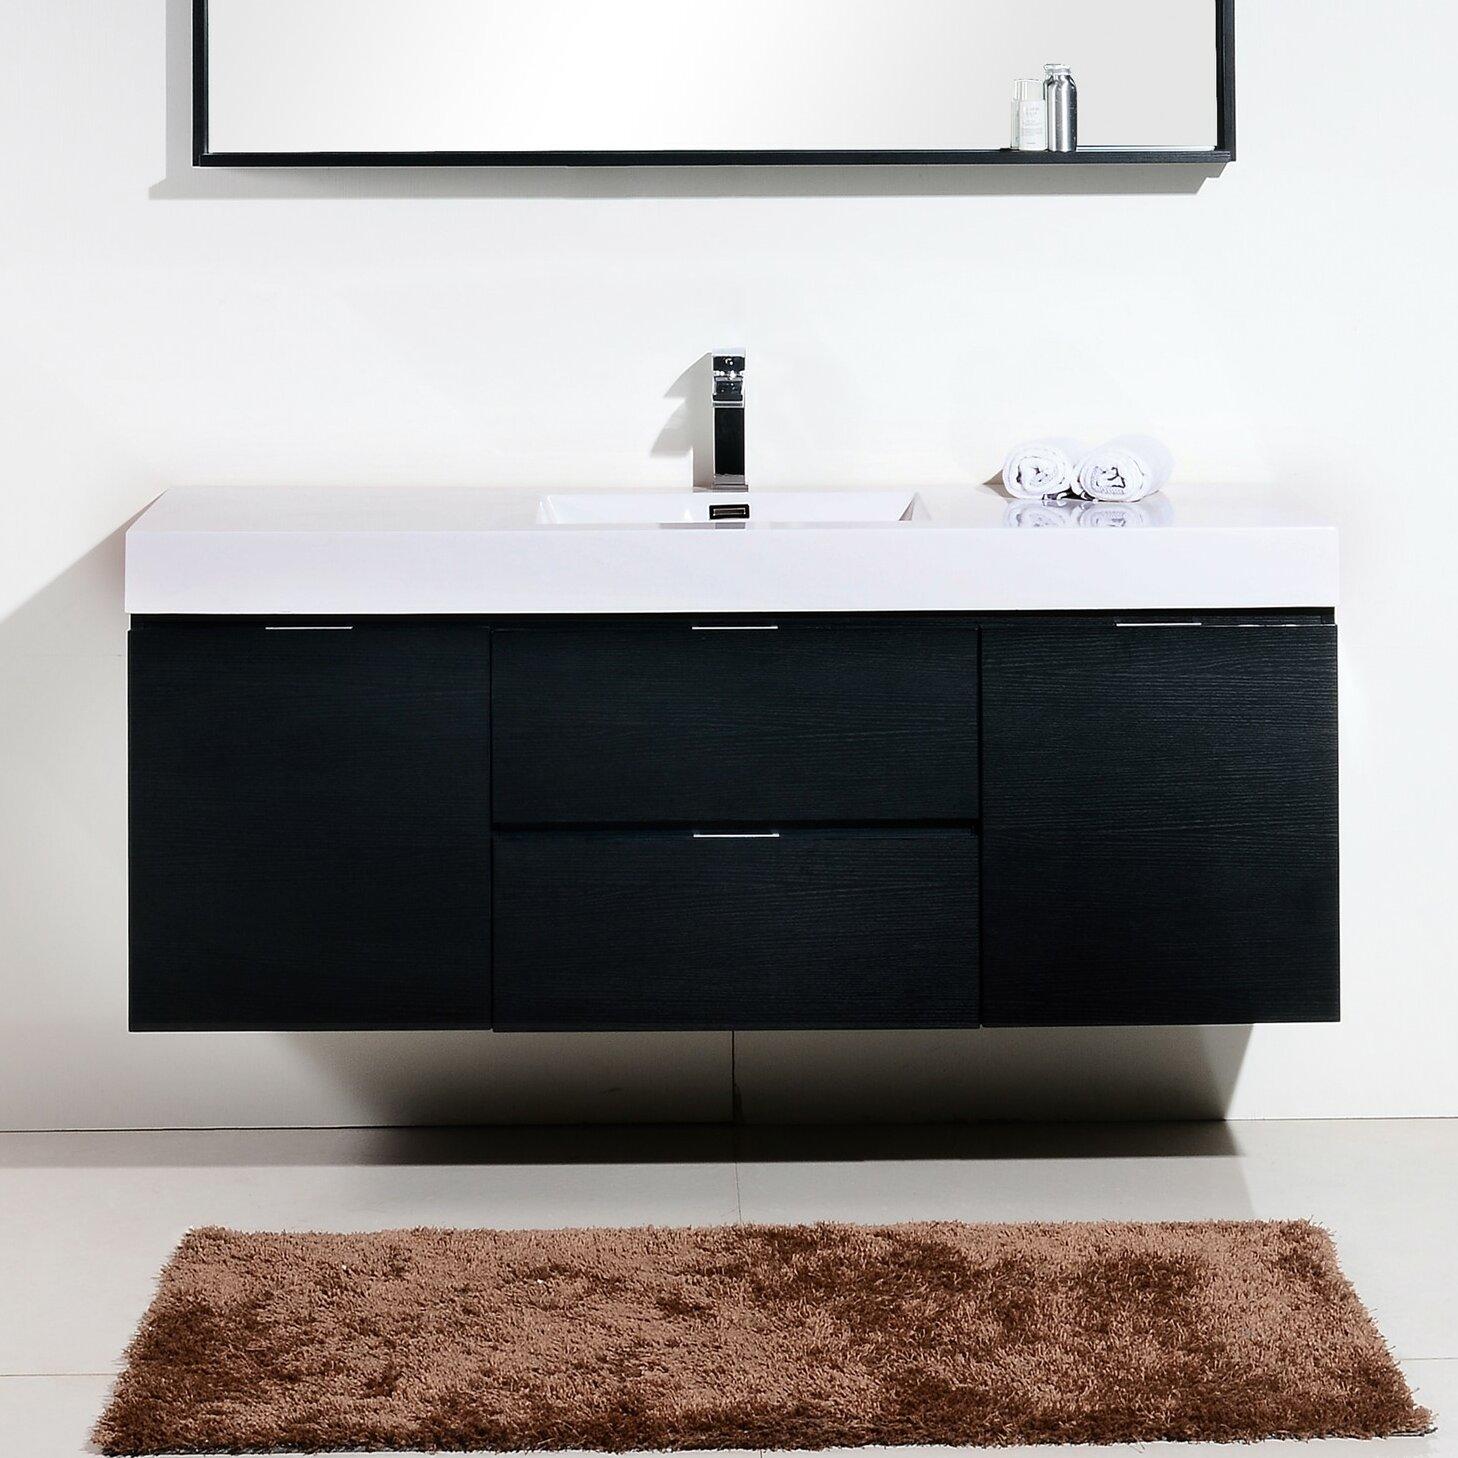 choosing hgtv vanity a bathroom sets remodel